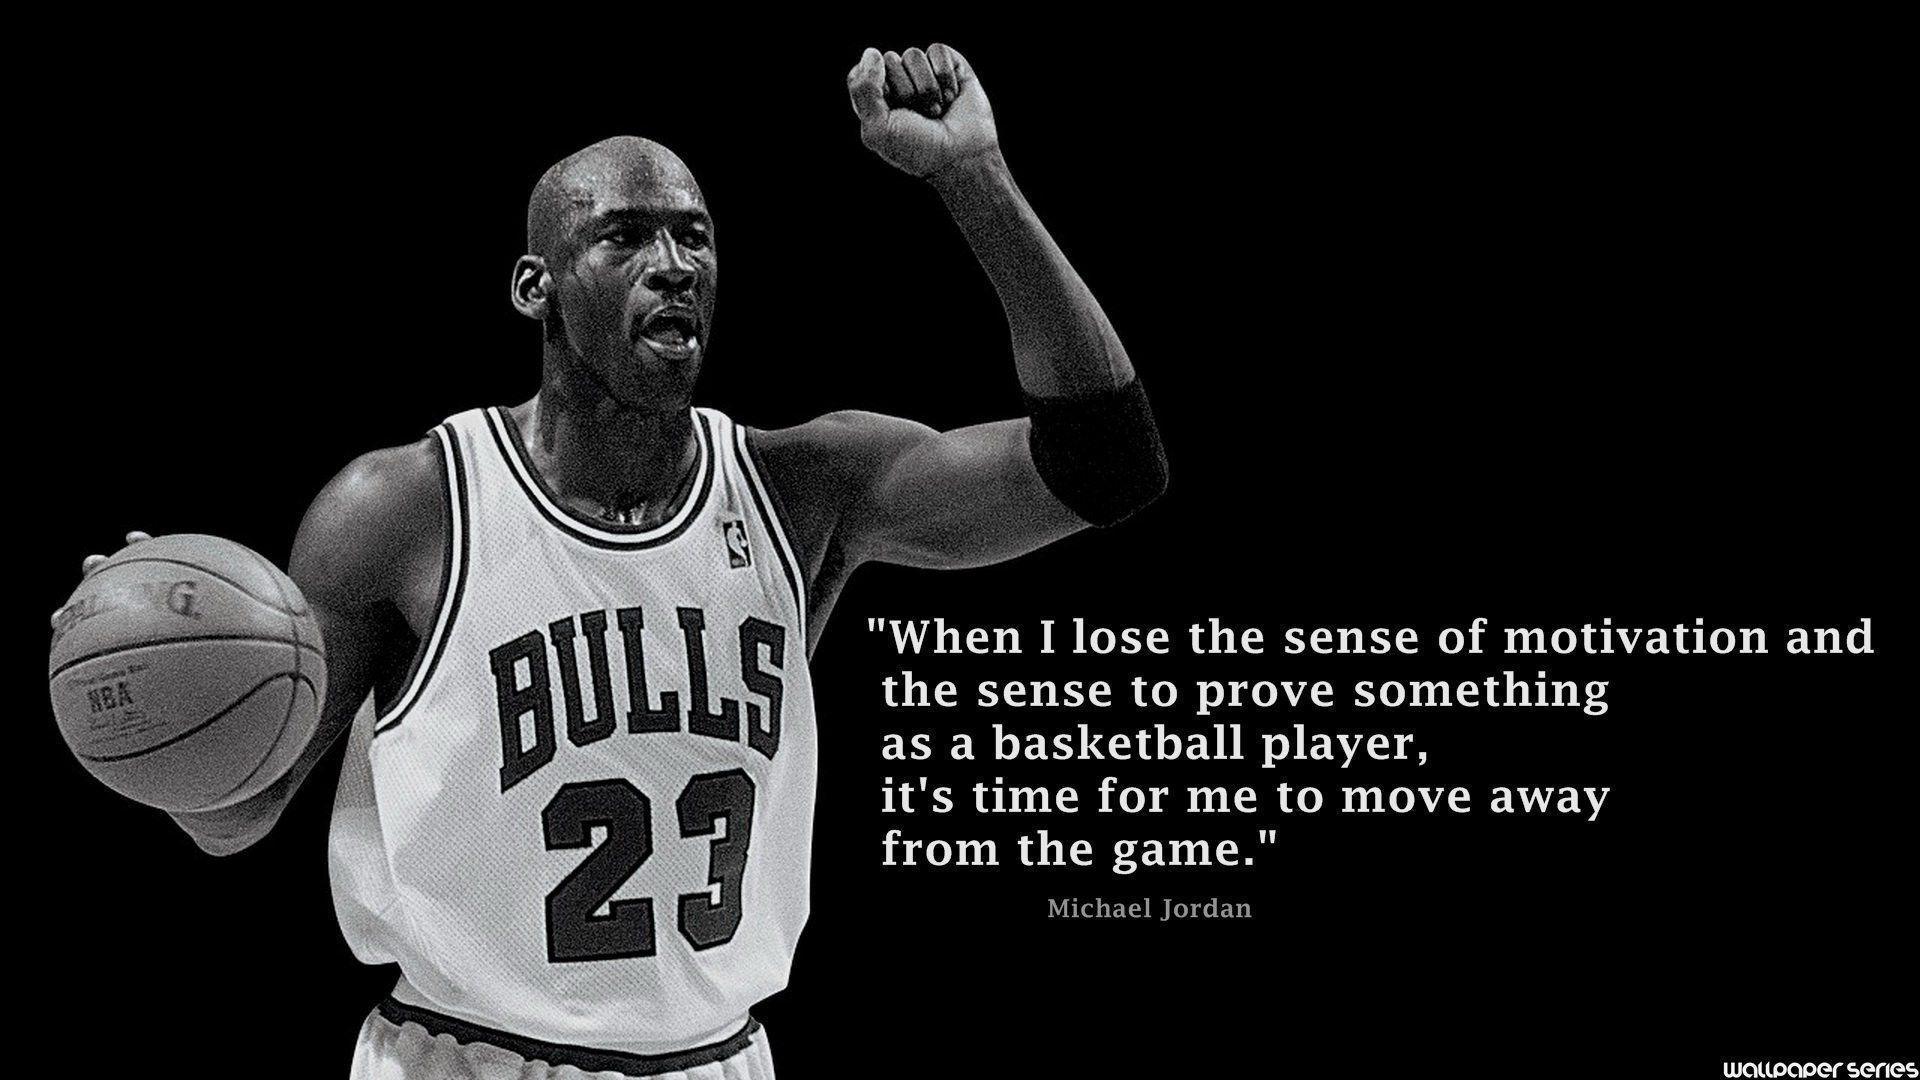 Quotes By Michael Jordan Michael Jordan Quote Wallpapers  Wallpaper Cave